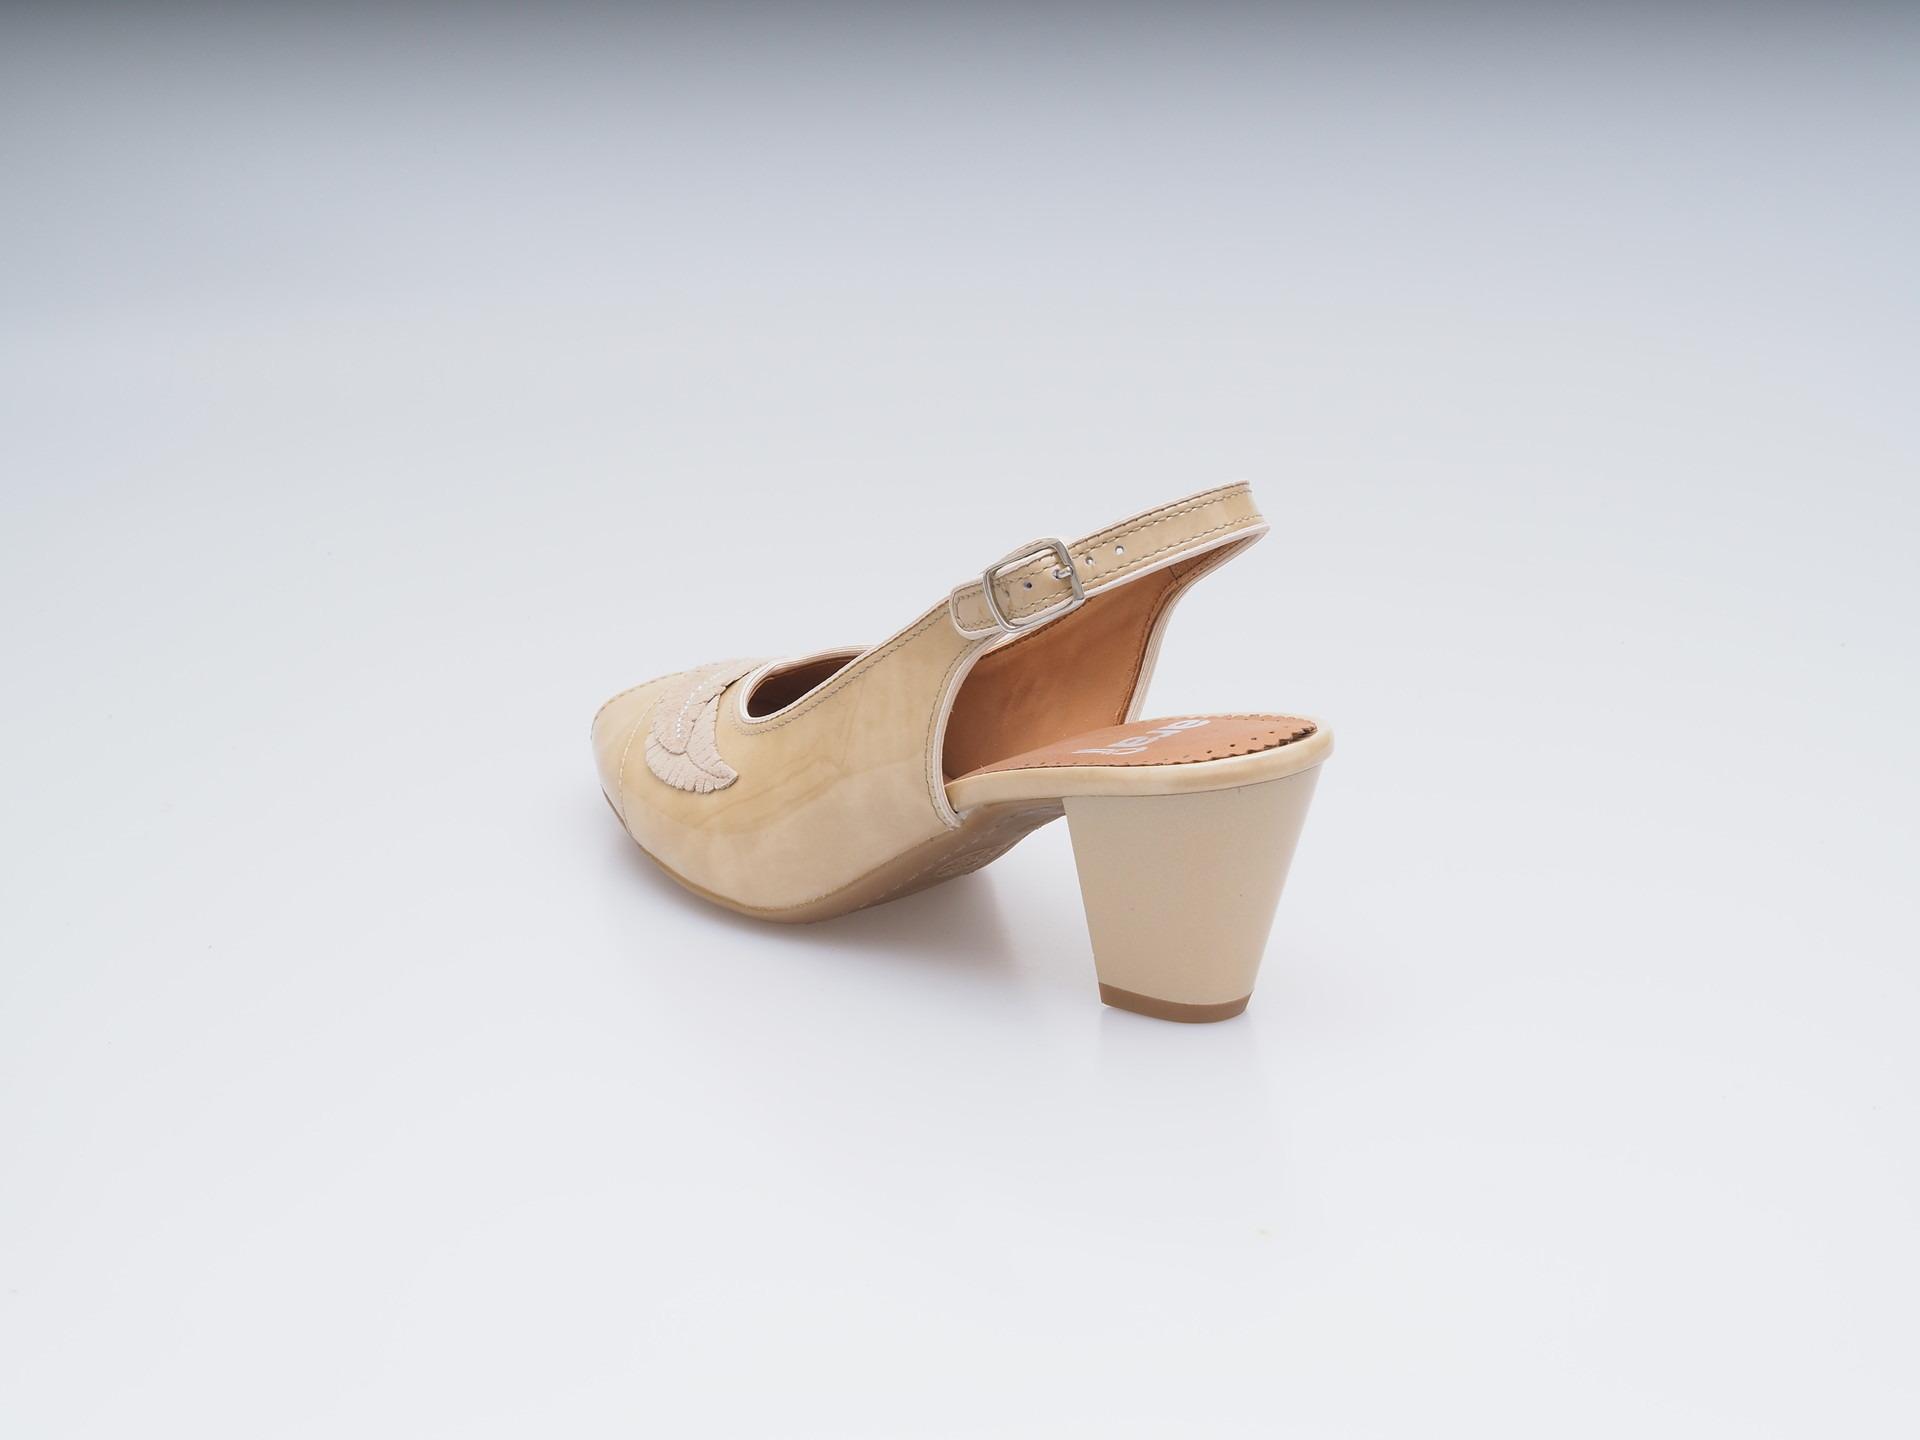 2695484c5481 ARA - Sandále - Ara dámska sandála - béžová